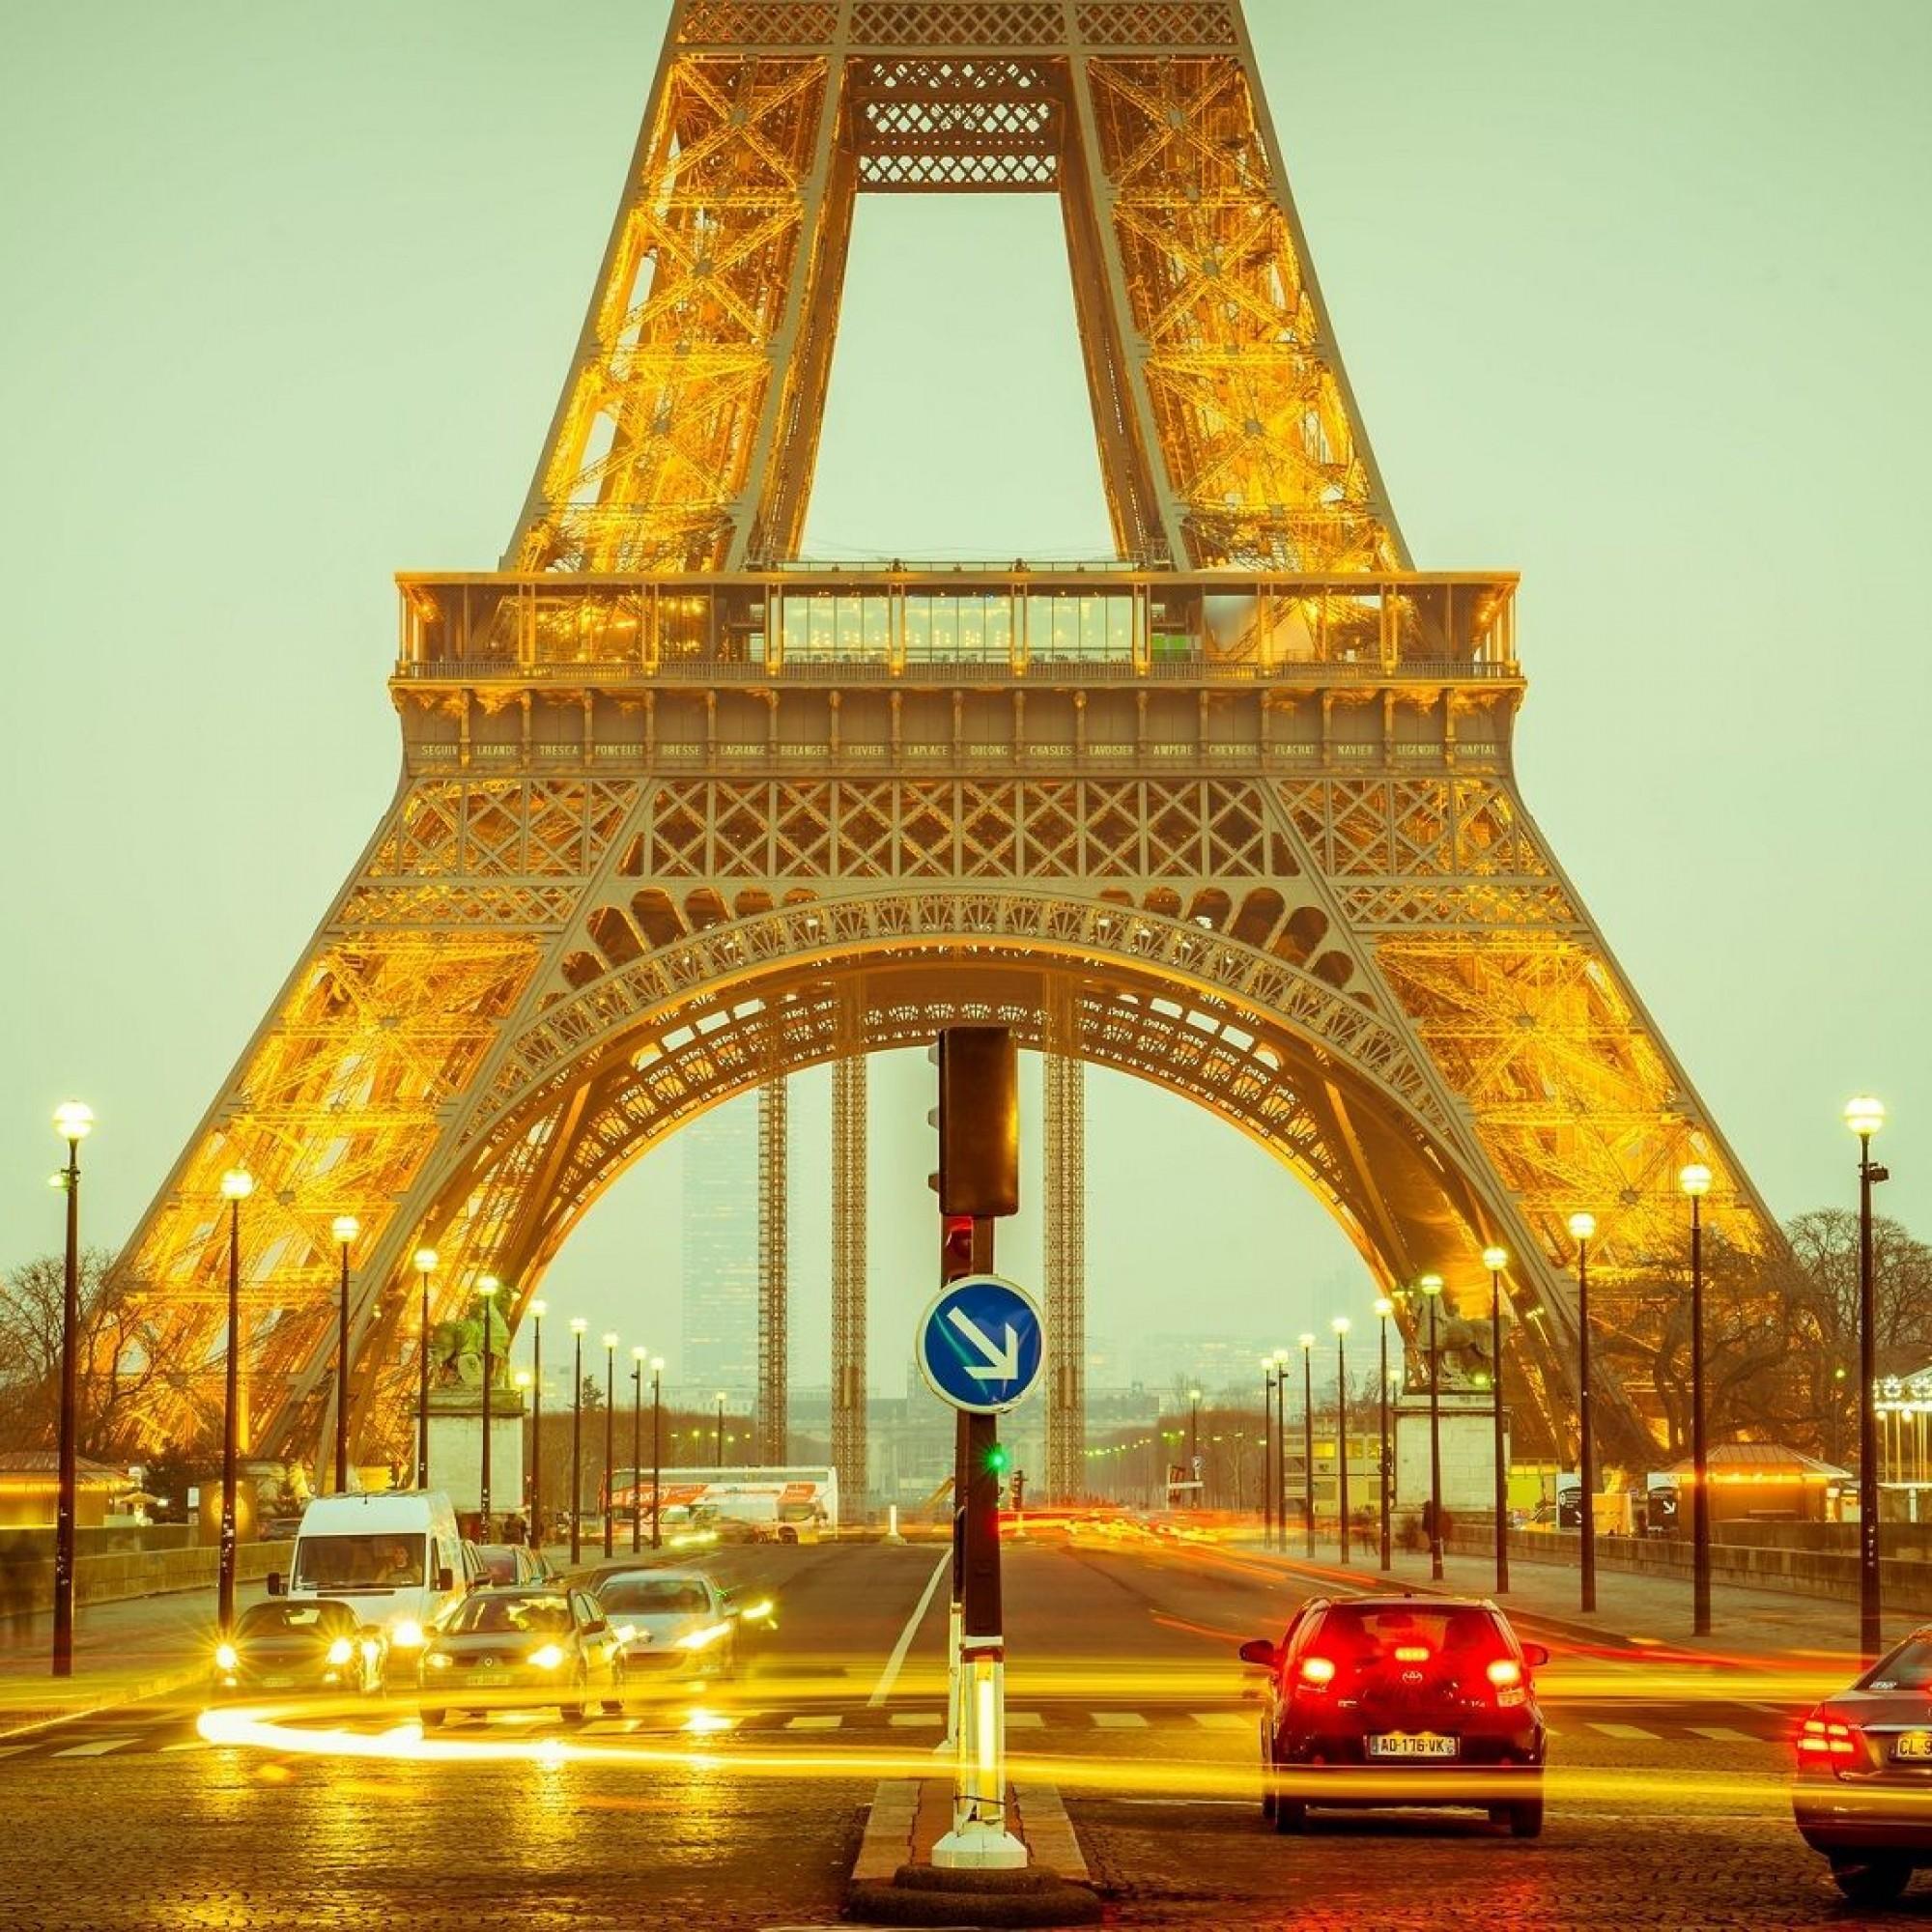 Und so sieht heute die erste Ebene des 324 Meter hohen Eiffelturms aus.